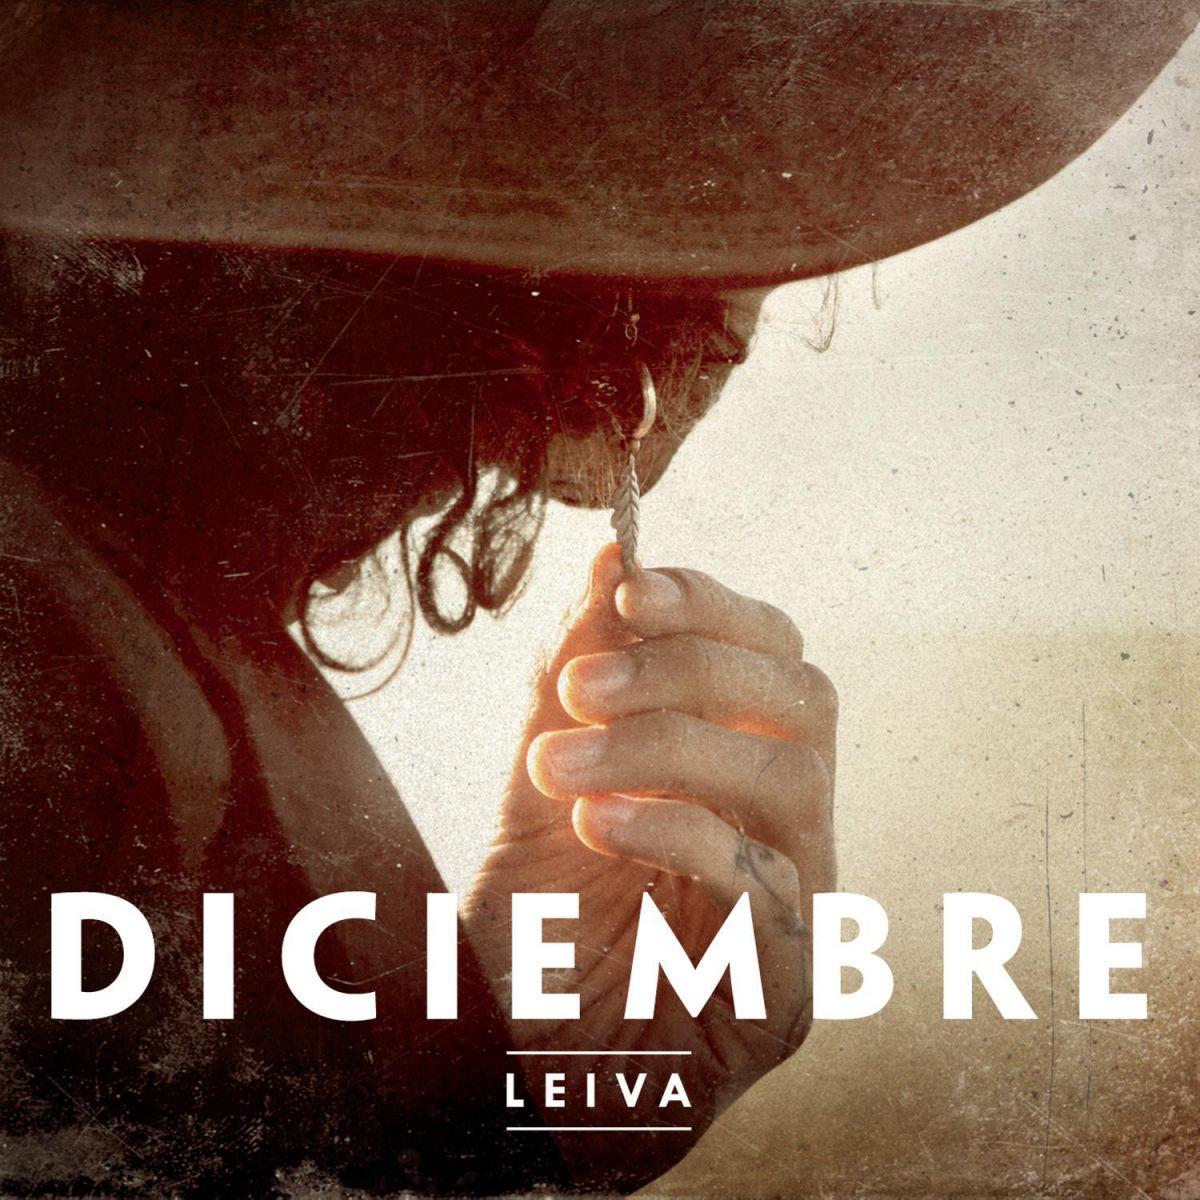 Diciembre, un mes mágico para Leiva. Foto: Facebook